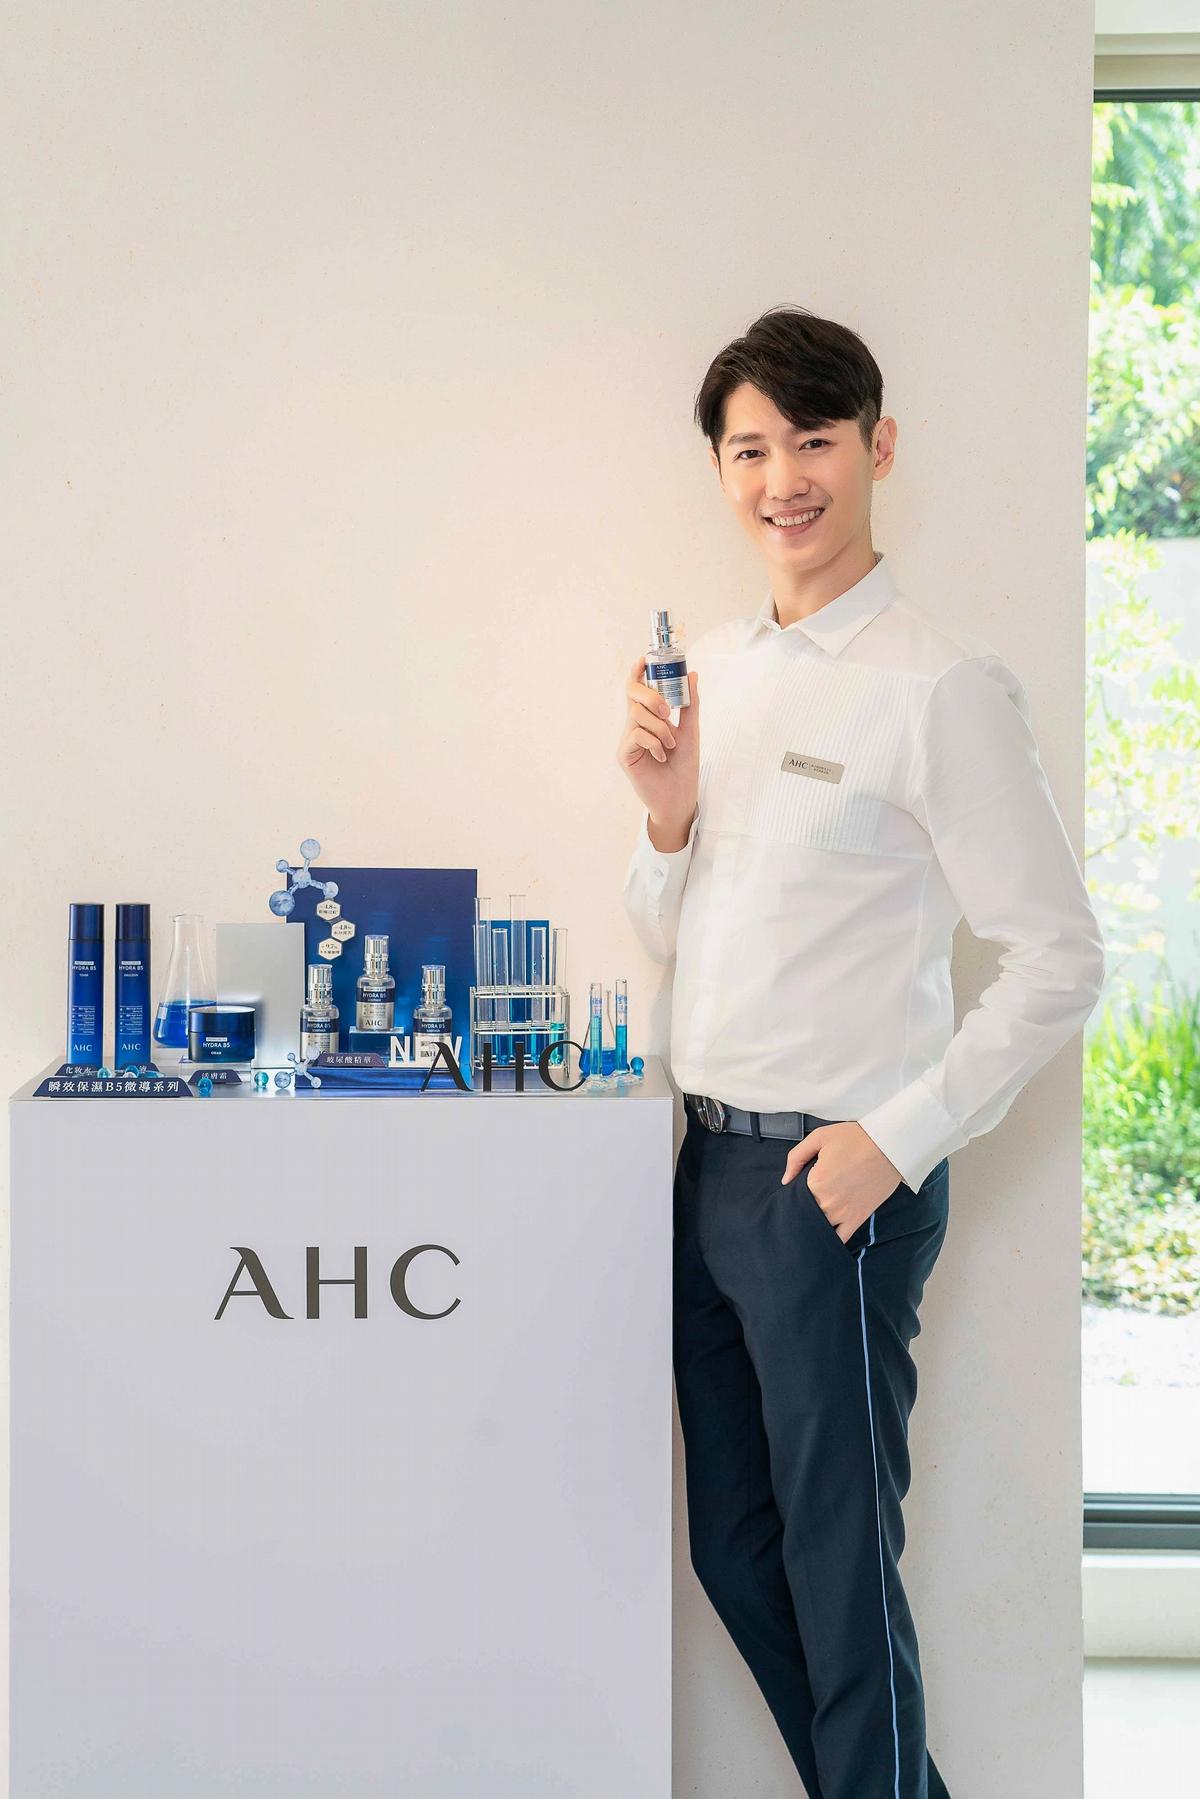 女神的Q彈美肌就是靠這一瓶!AHC神級B5精華全新升級,完美拯救你的沙漠肌!